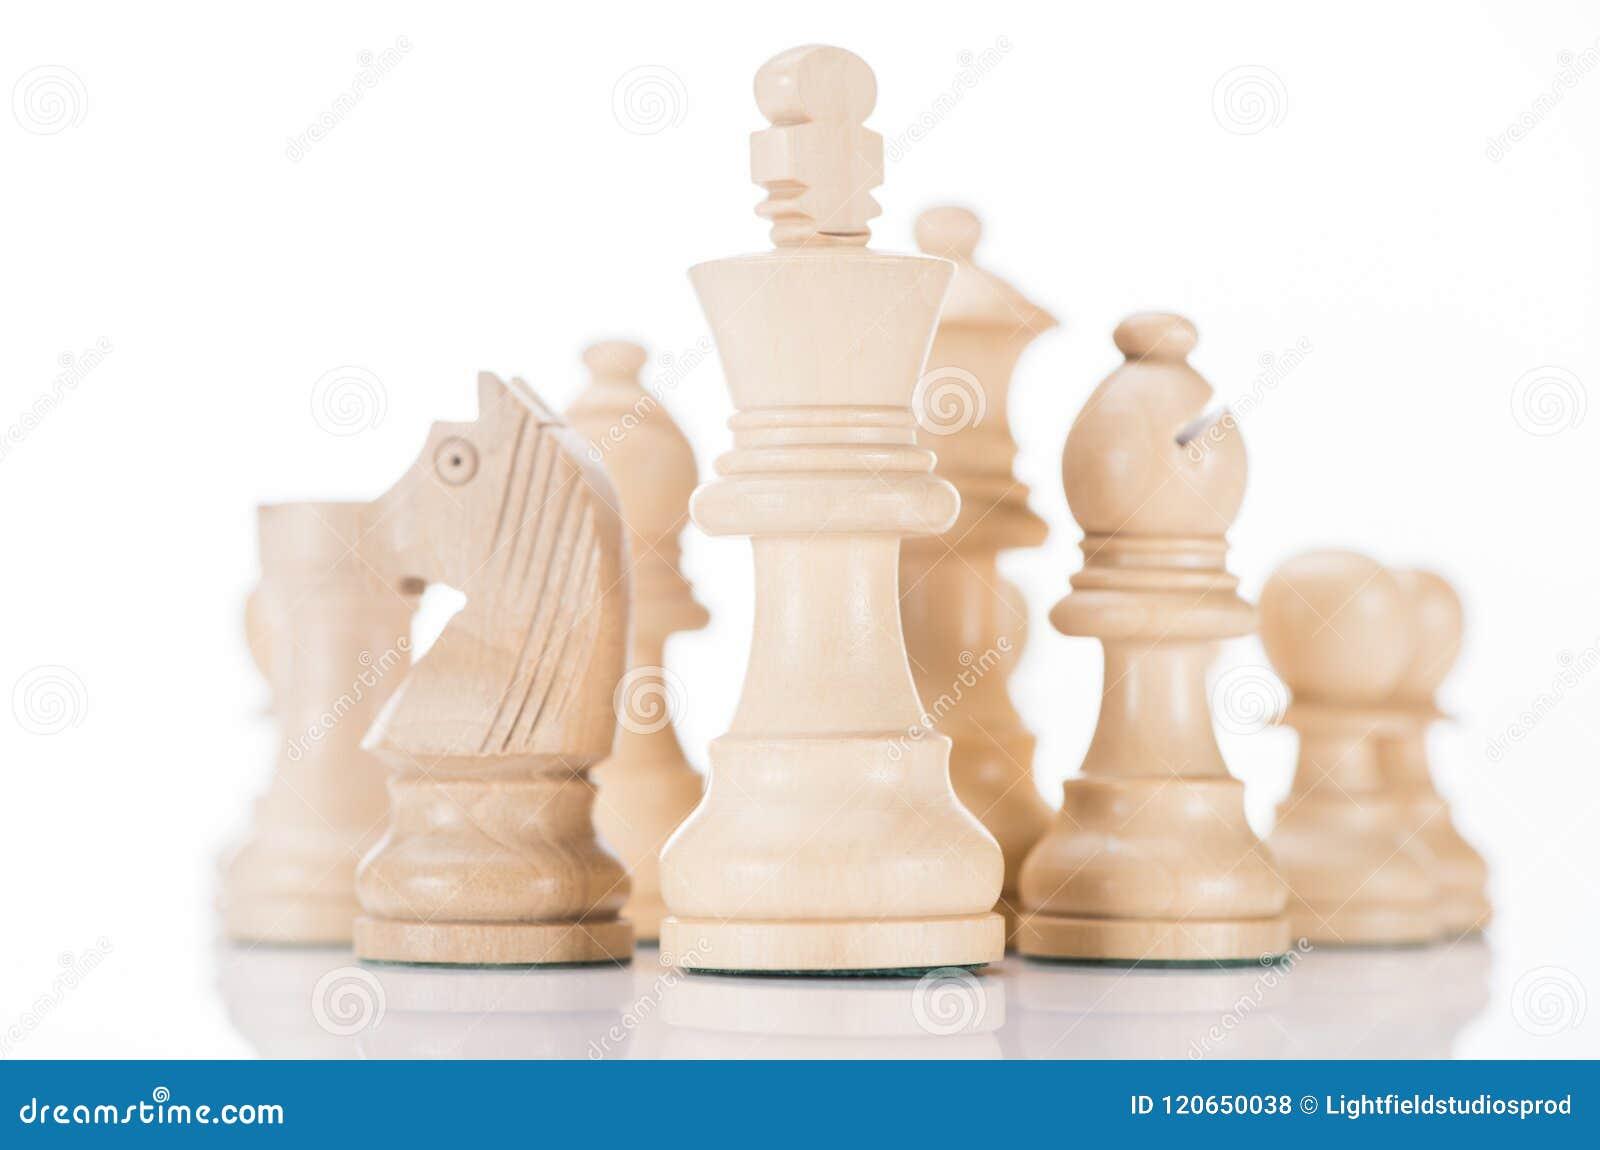 Witte houten schaakkoning met ridder en bischop aan kanten